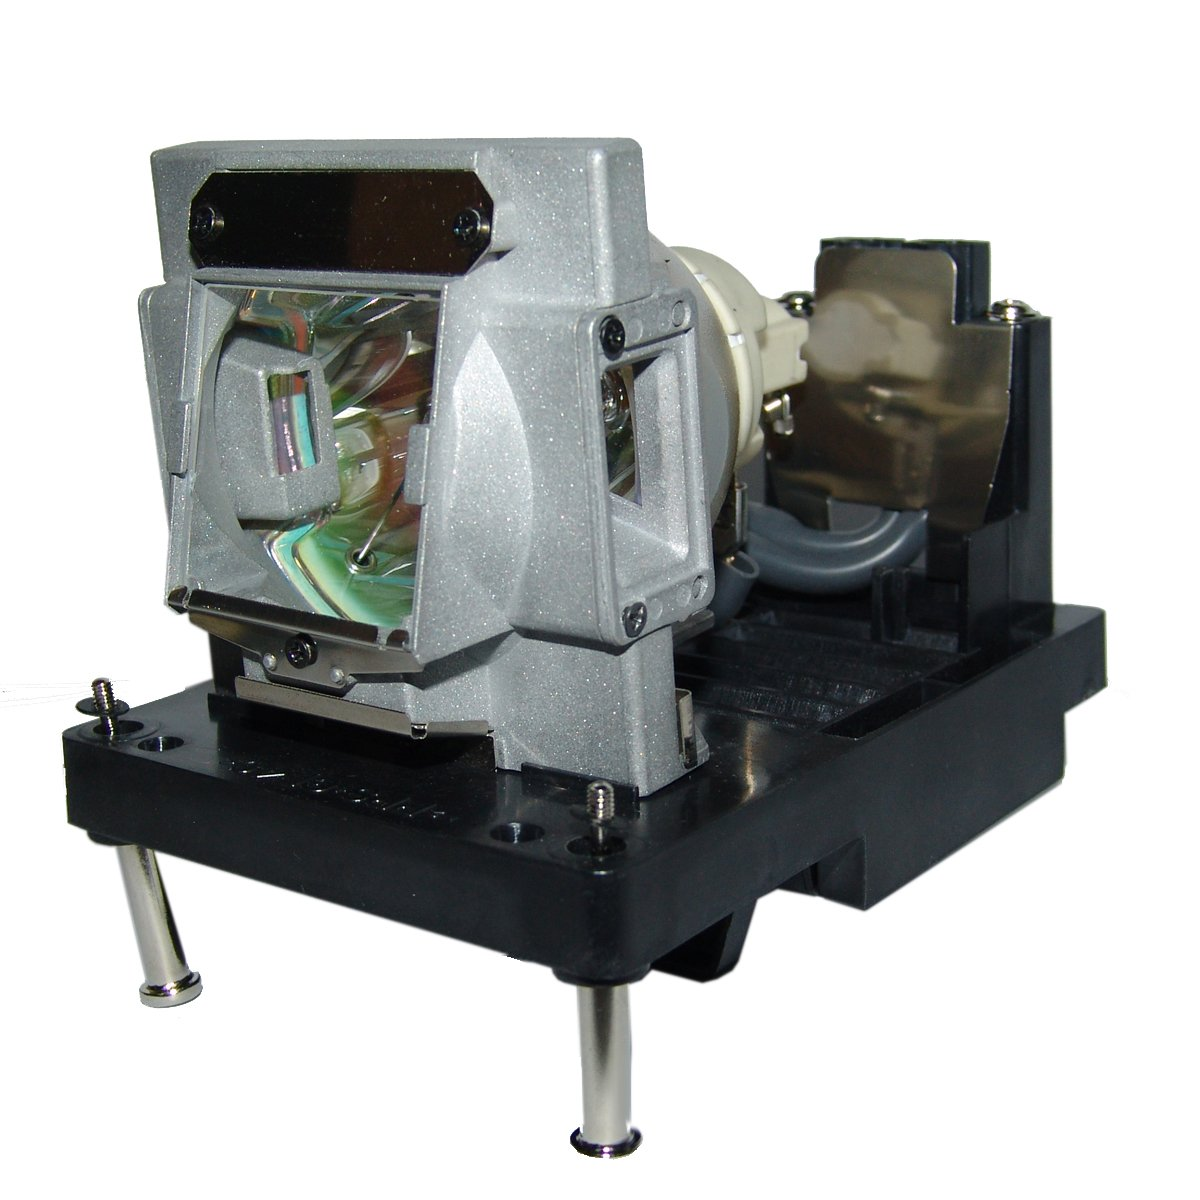 AuraBeam Professional Infocus in5554lプロジェクタ用交換ランプハウジング( Powered by Philips )   B01EWI4ZV0